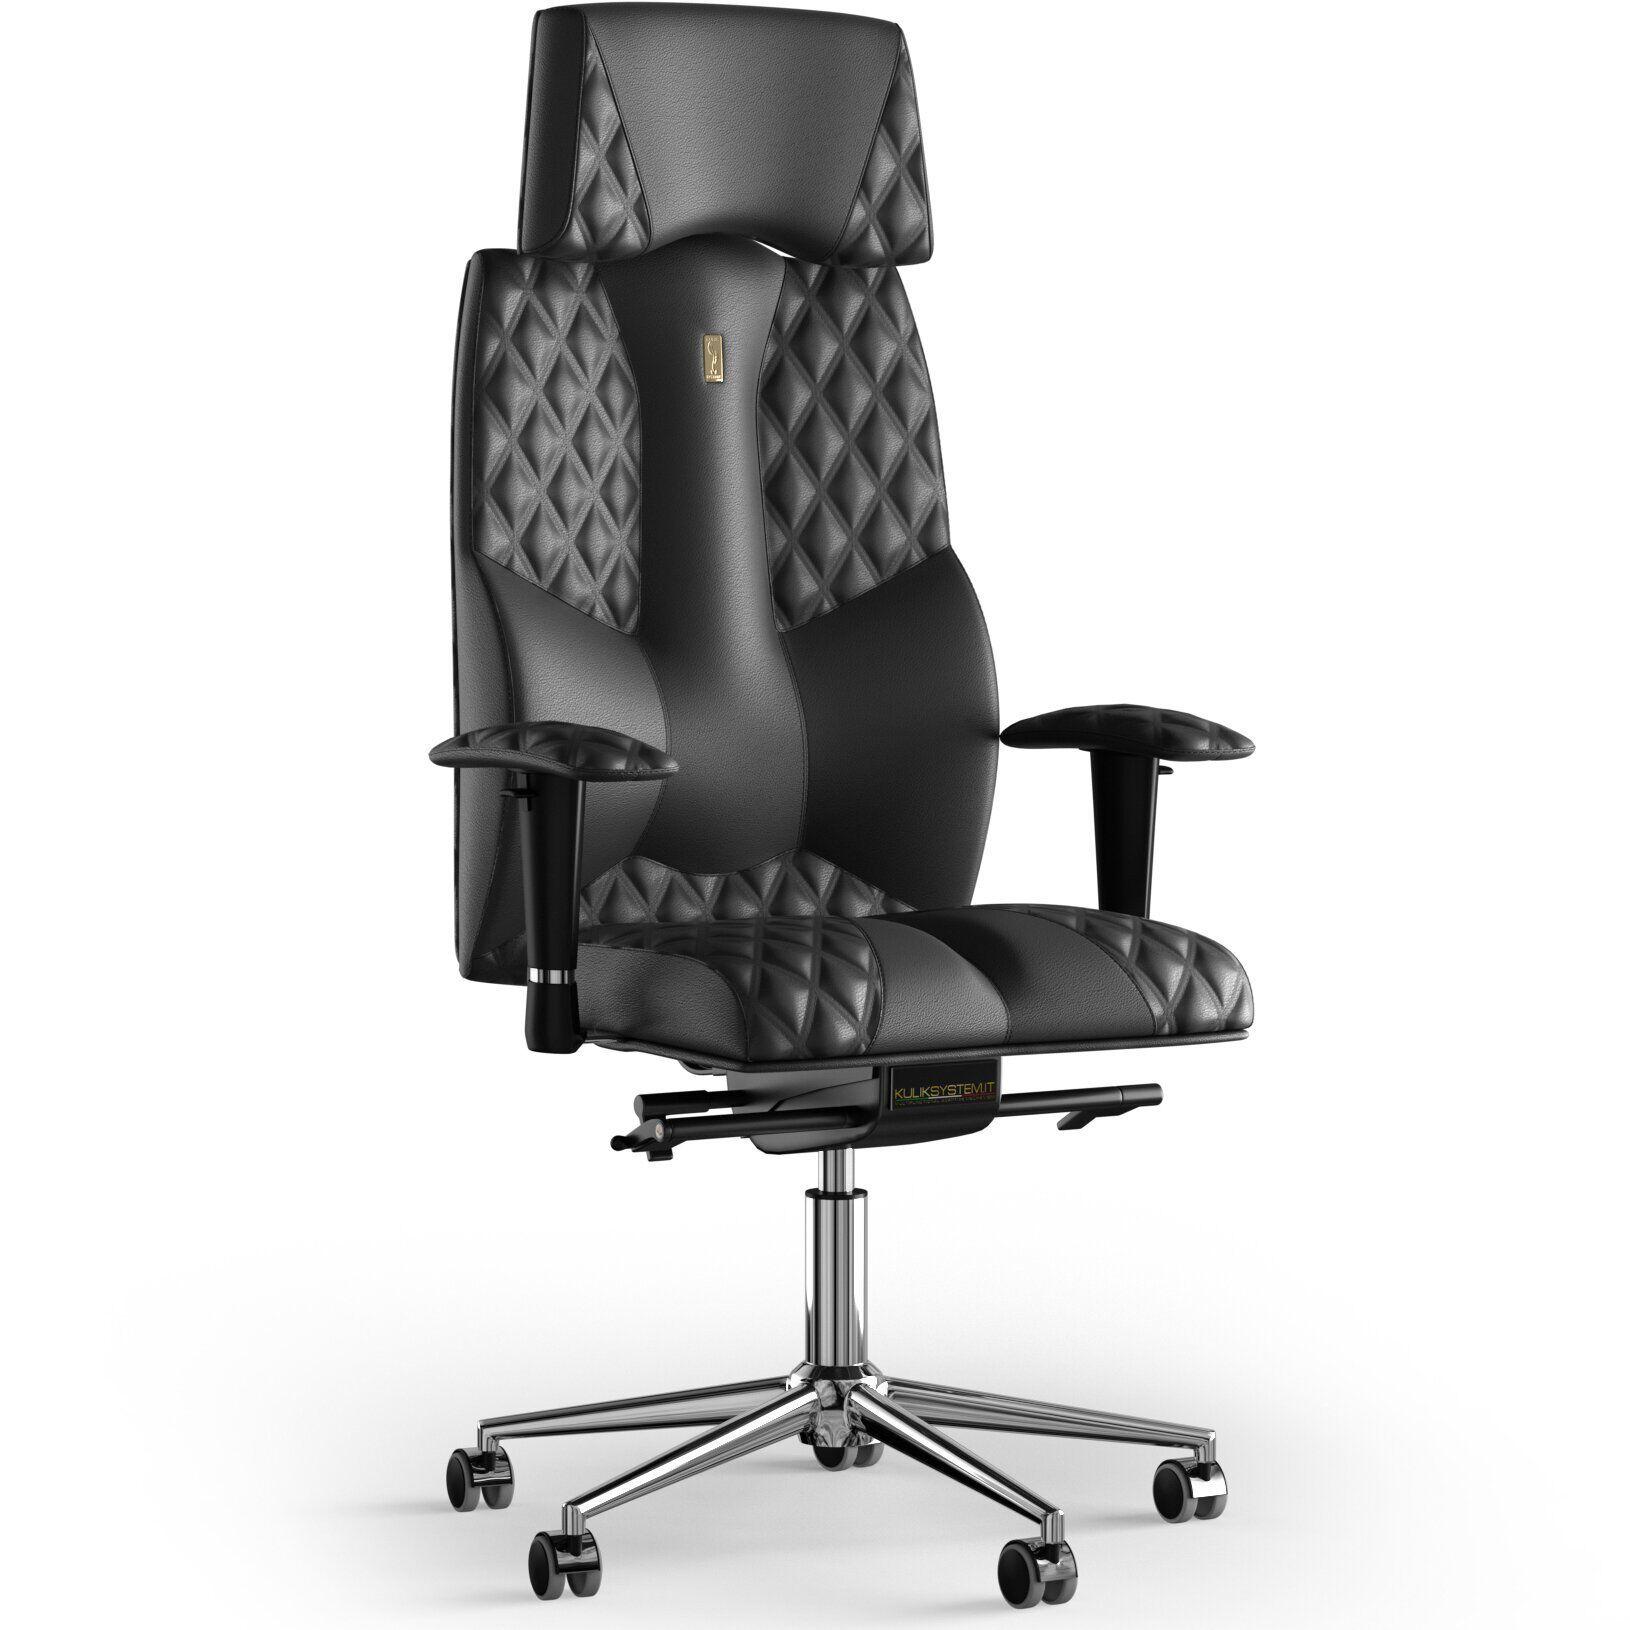 Кресло KULIK SYSTEM BUSINESS Кожа с подголовником со строчкой